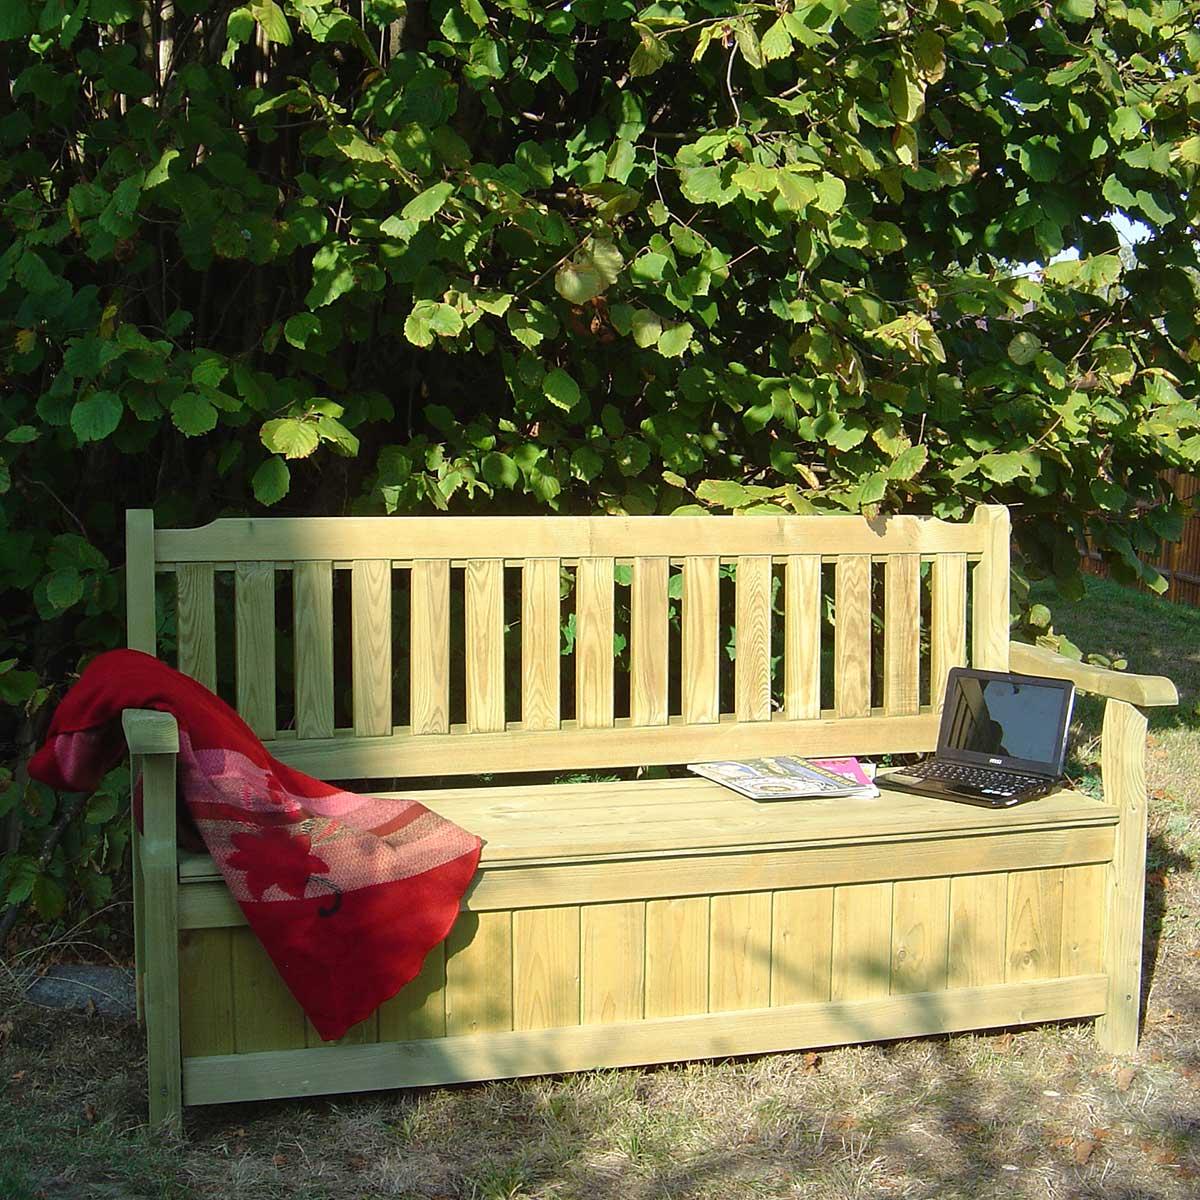 Banc de jardin 4 places avec coffre en bois traité autoclave